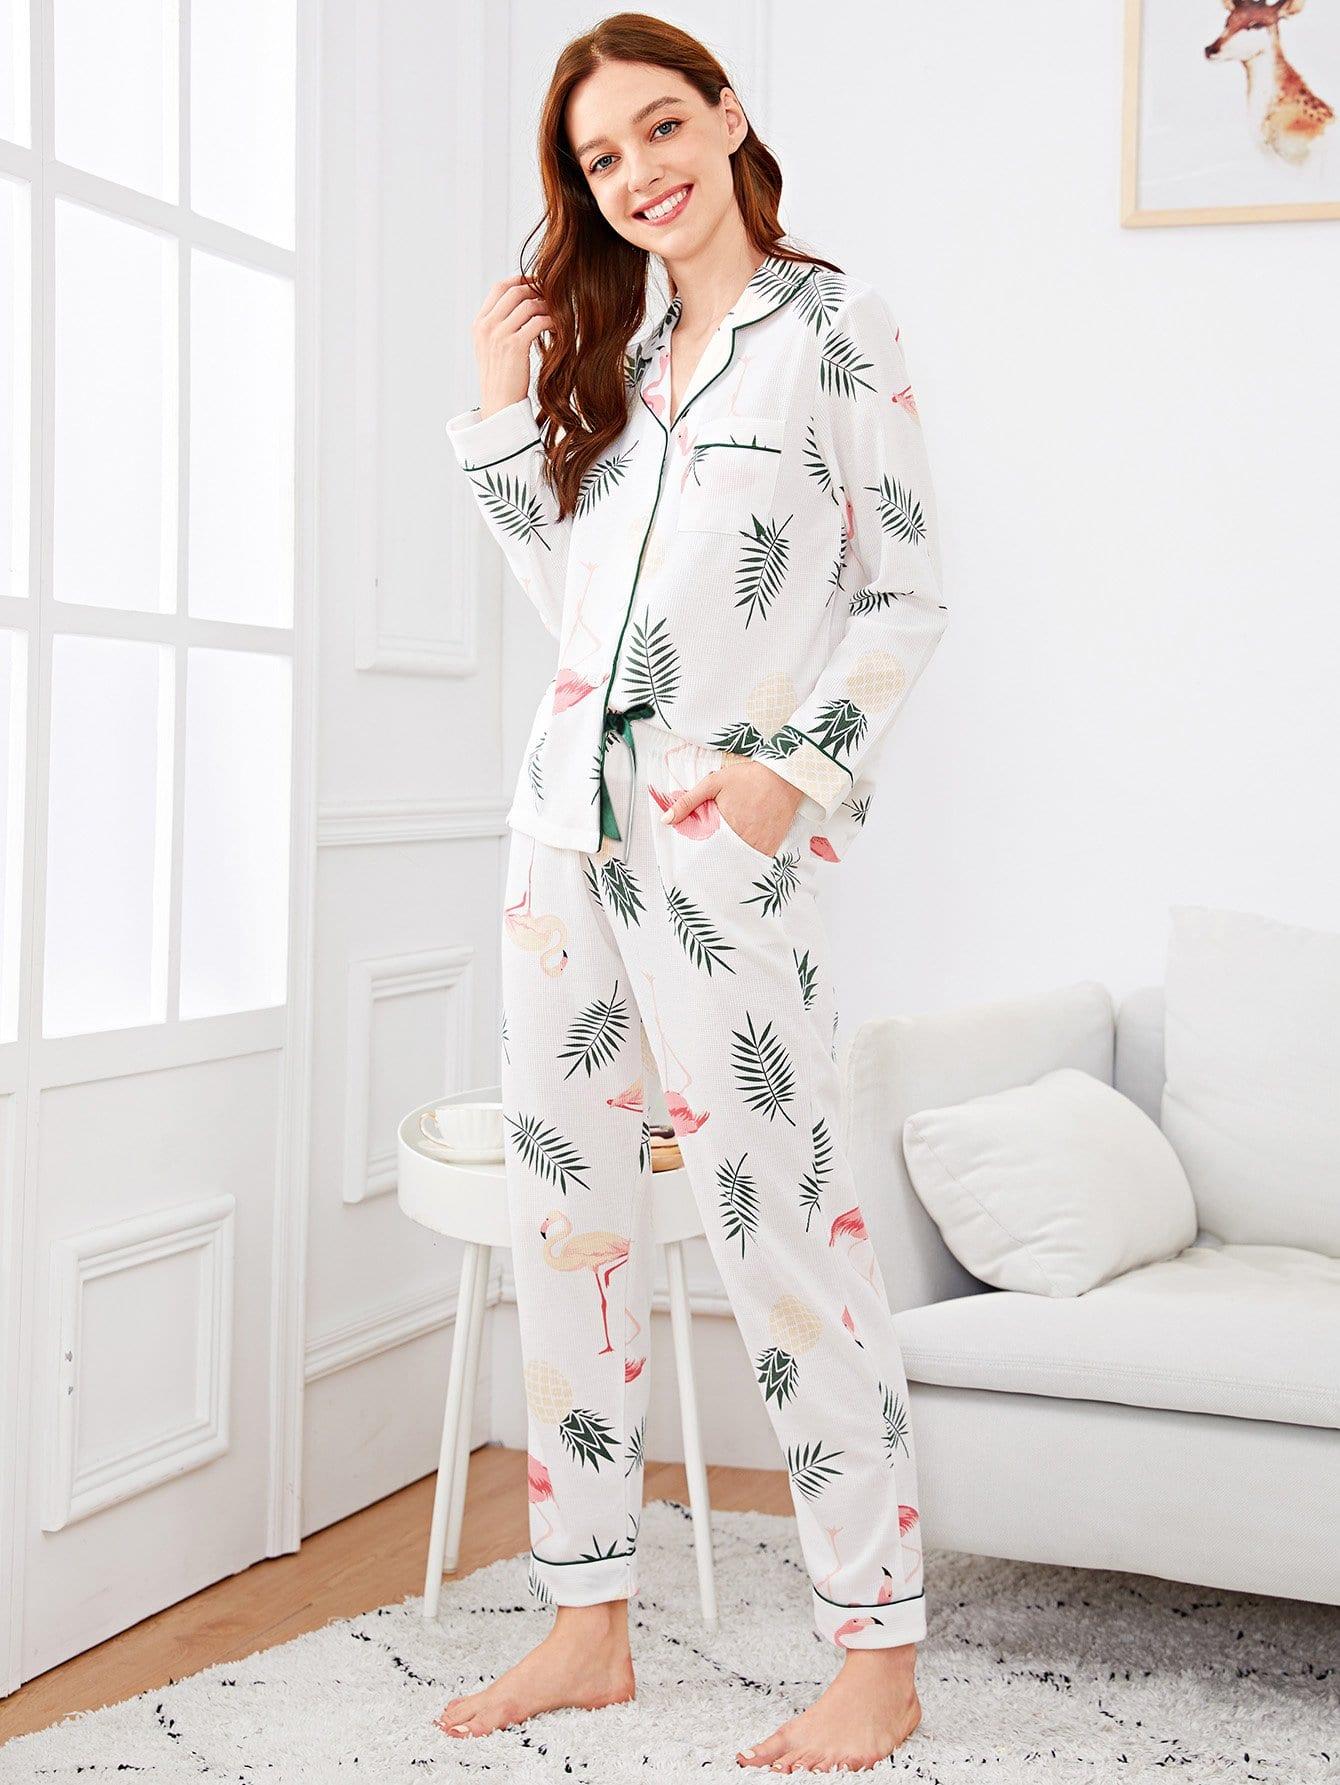 Комплект пижамы с принтом фламинго и тропических листьев